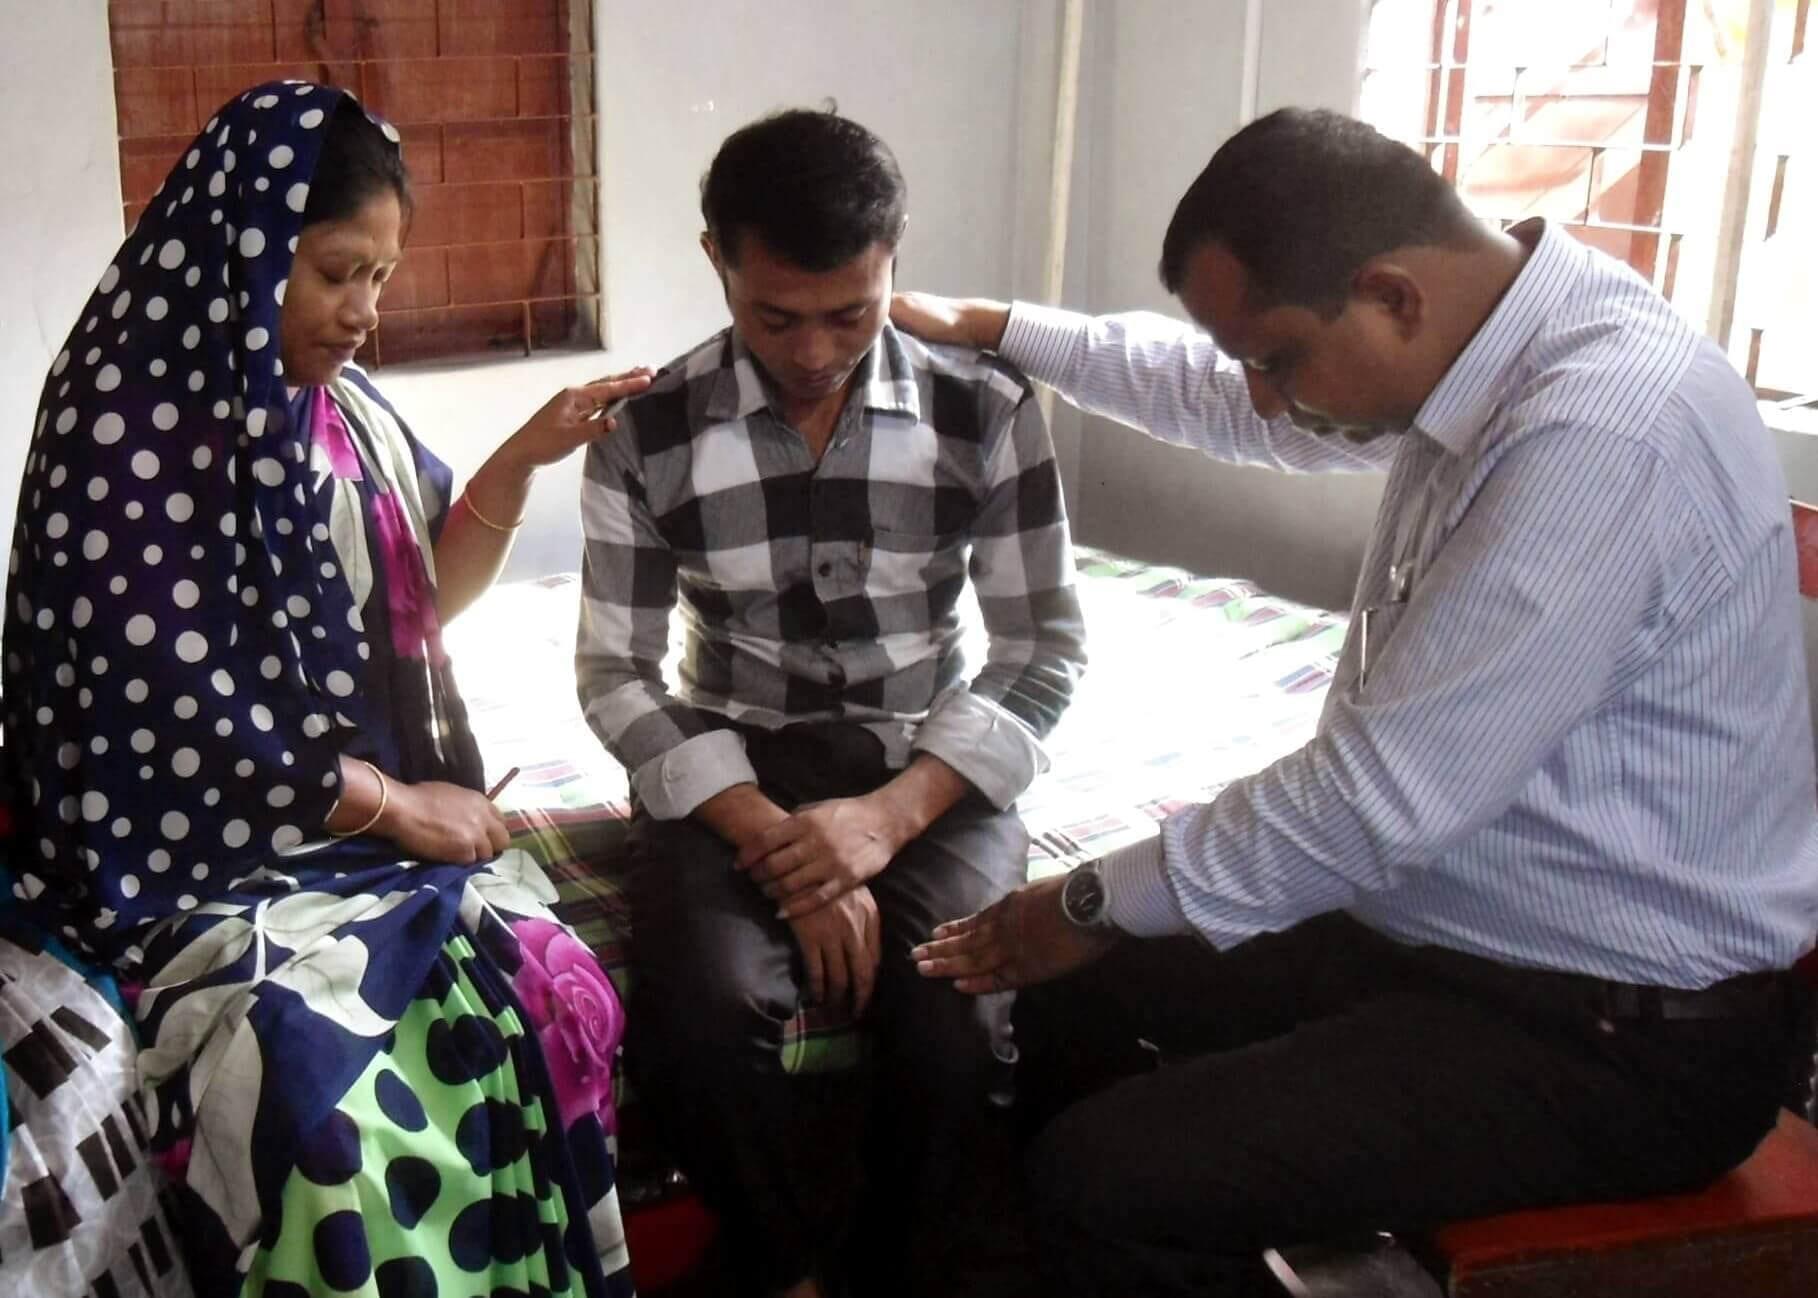 I když někteří lidé v Bangladéši neuznávají křesťanské učení, stojí o modlitbu za uzdravení či jinou pomoc.